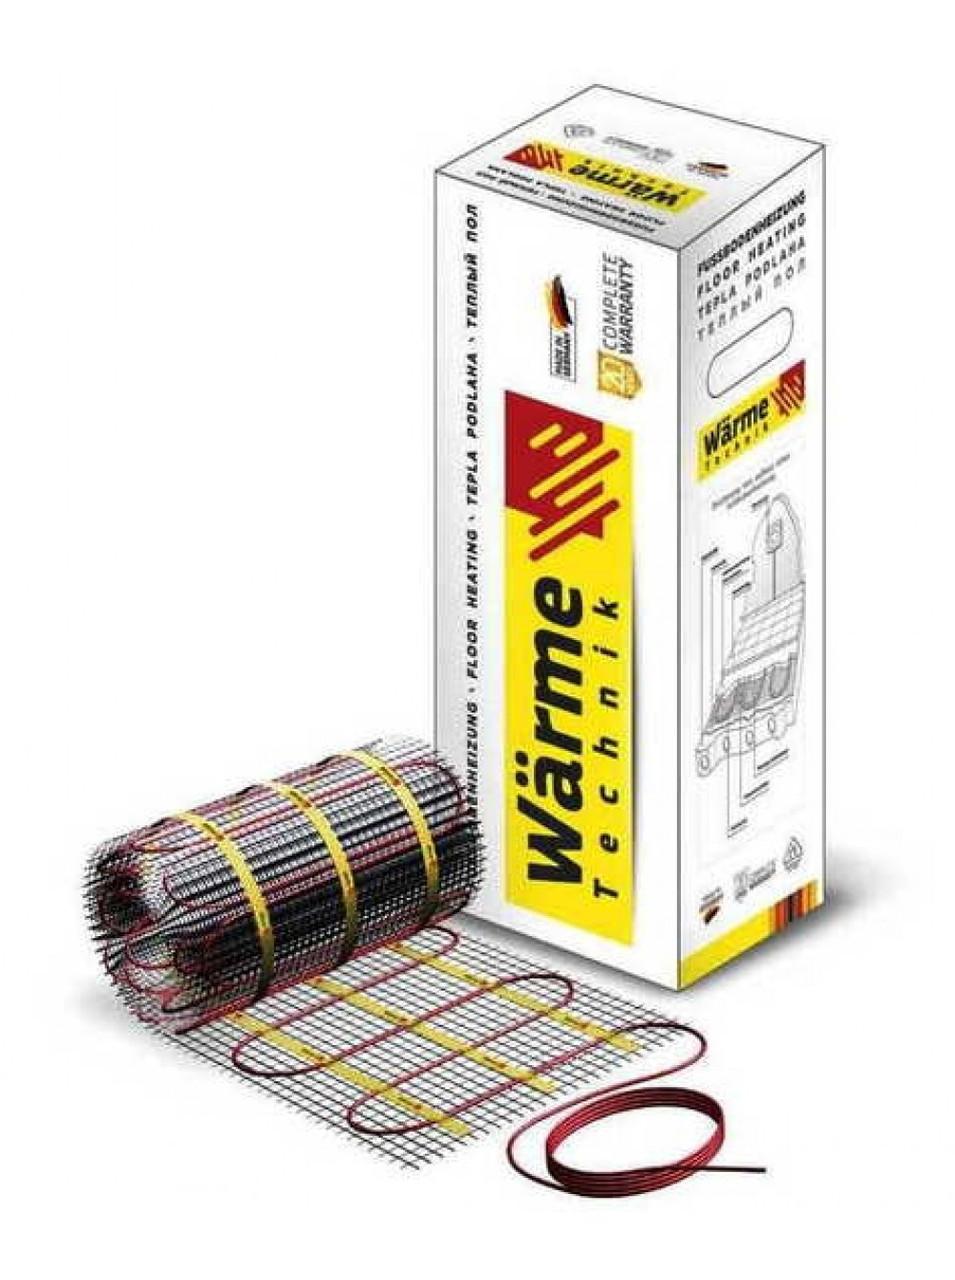 Нагревательный мат Wärme Twin mat   2.0 м²  300 W